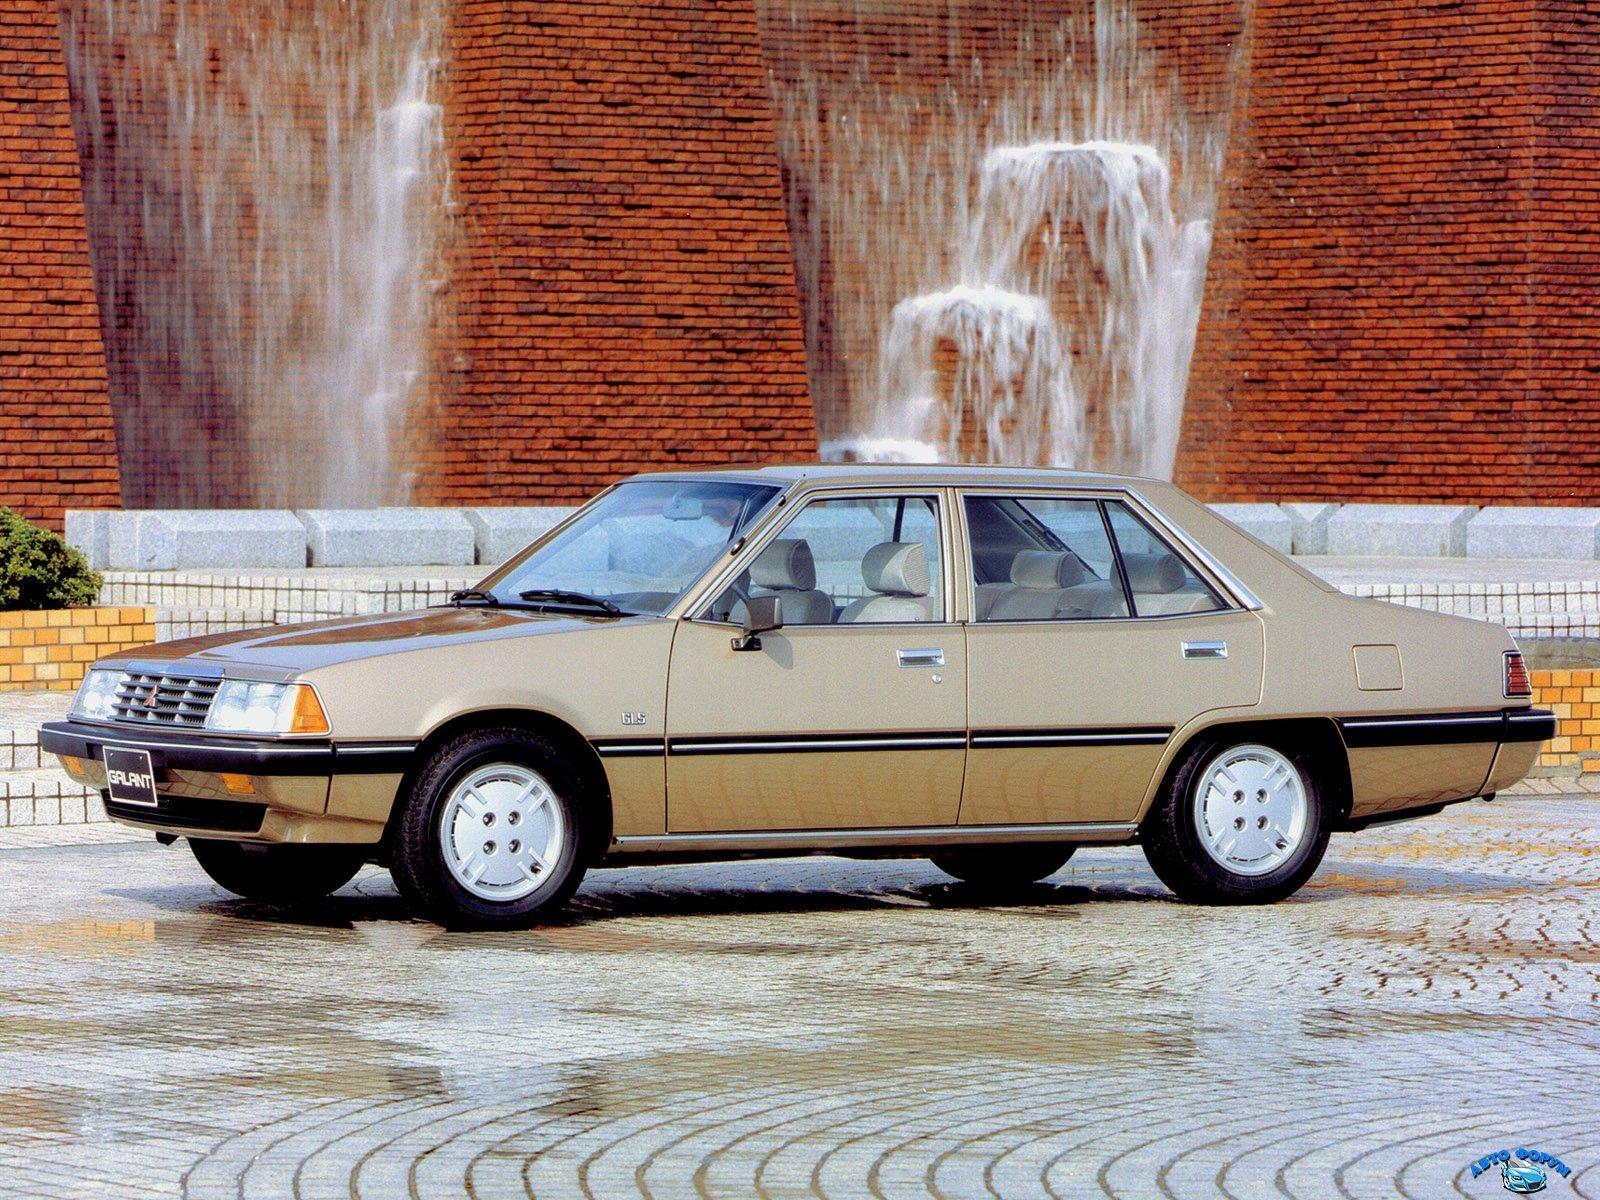 Mitsubishi-galant-1980-1983-Photo-02.jpg